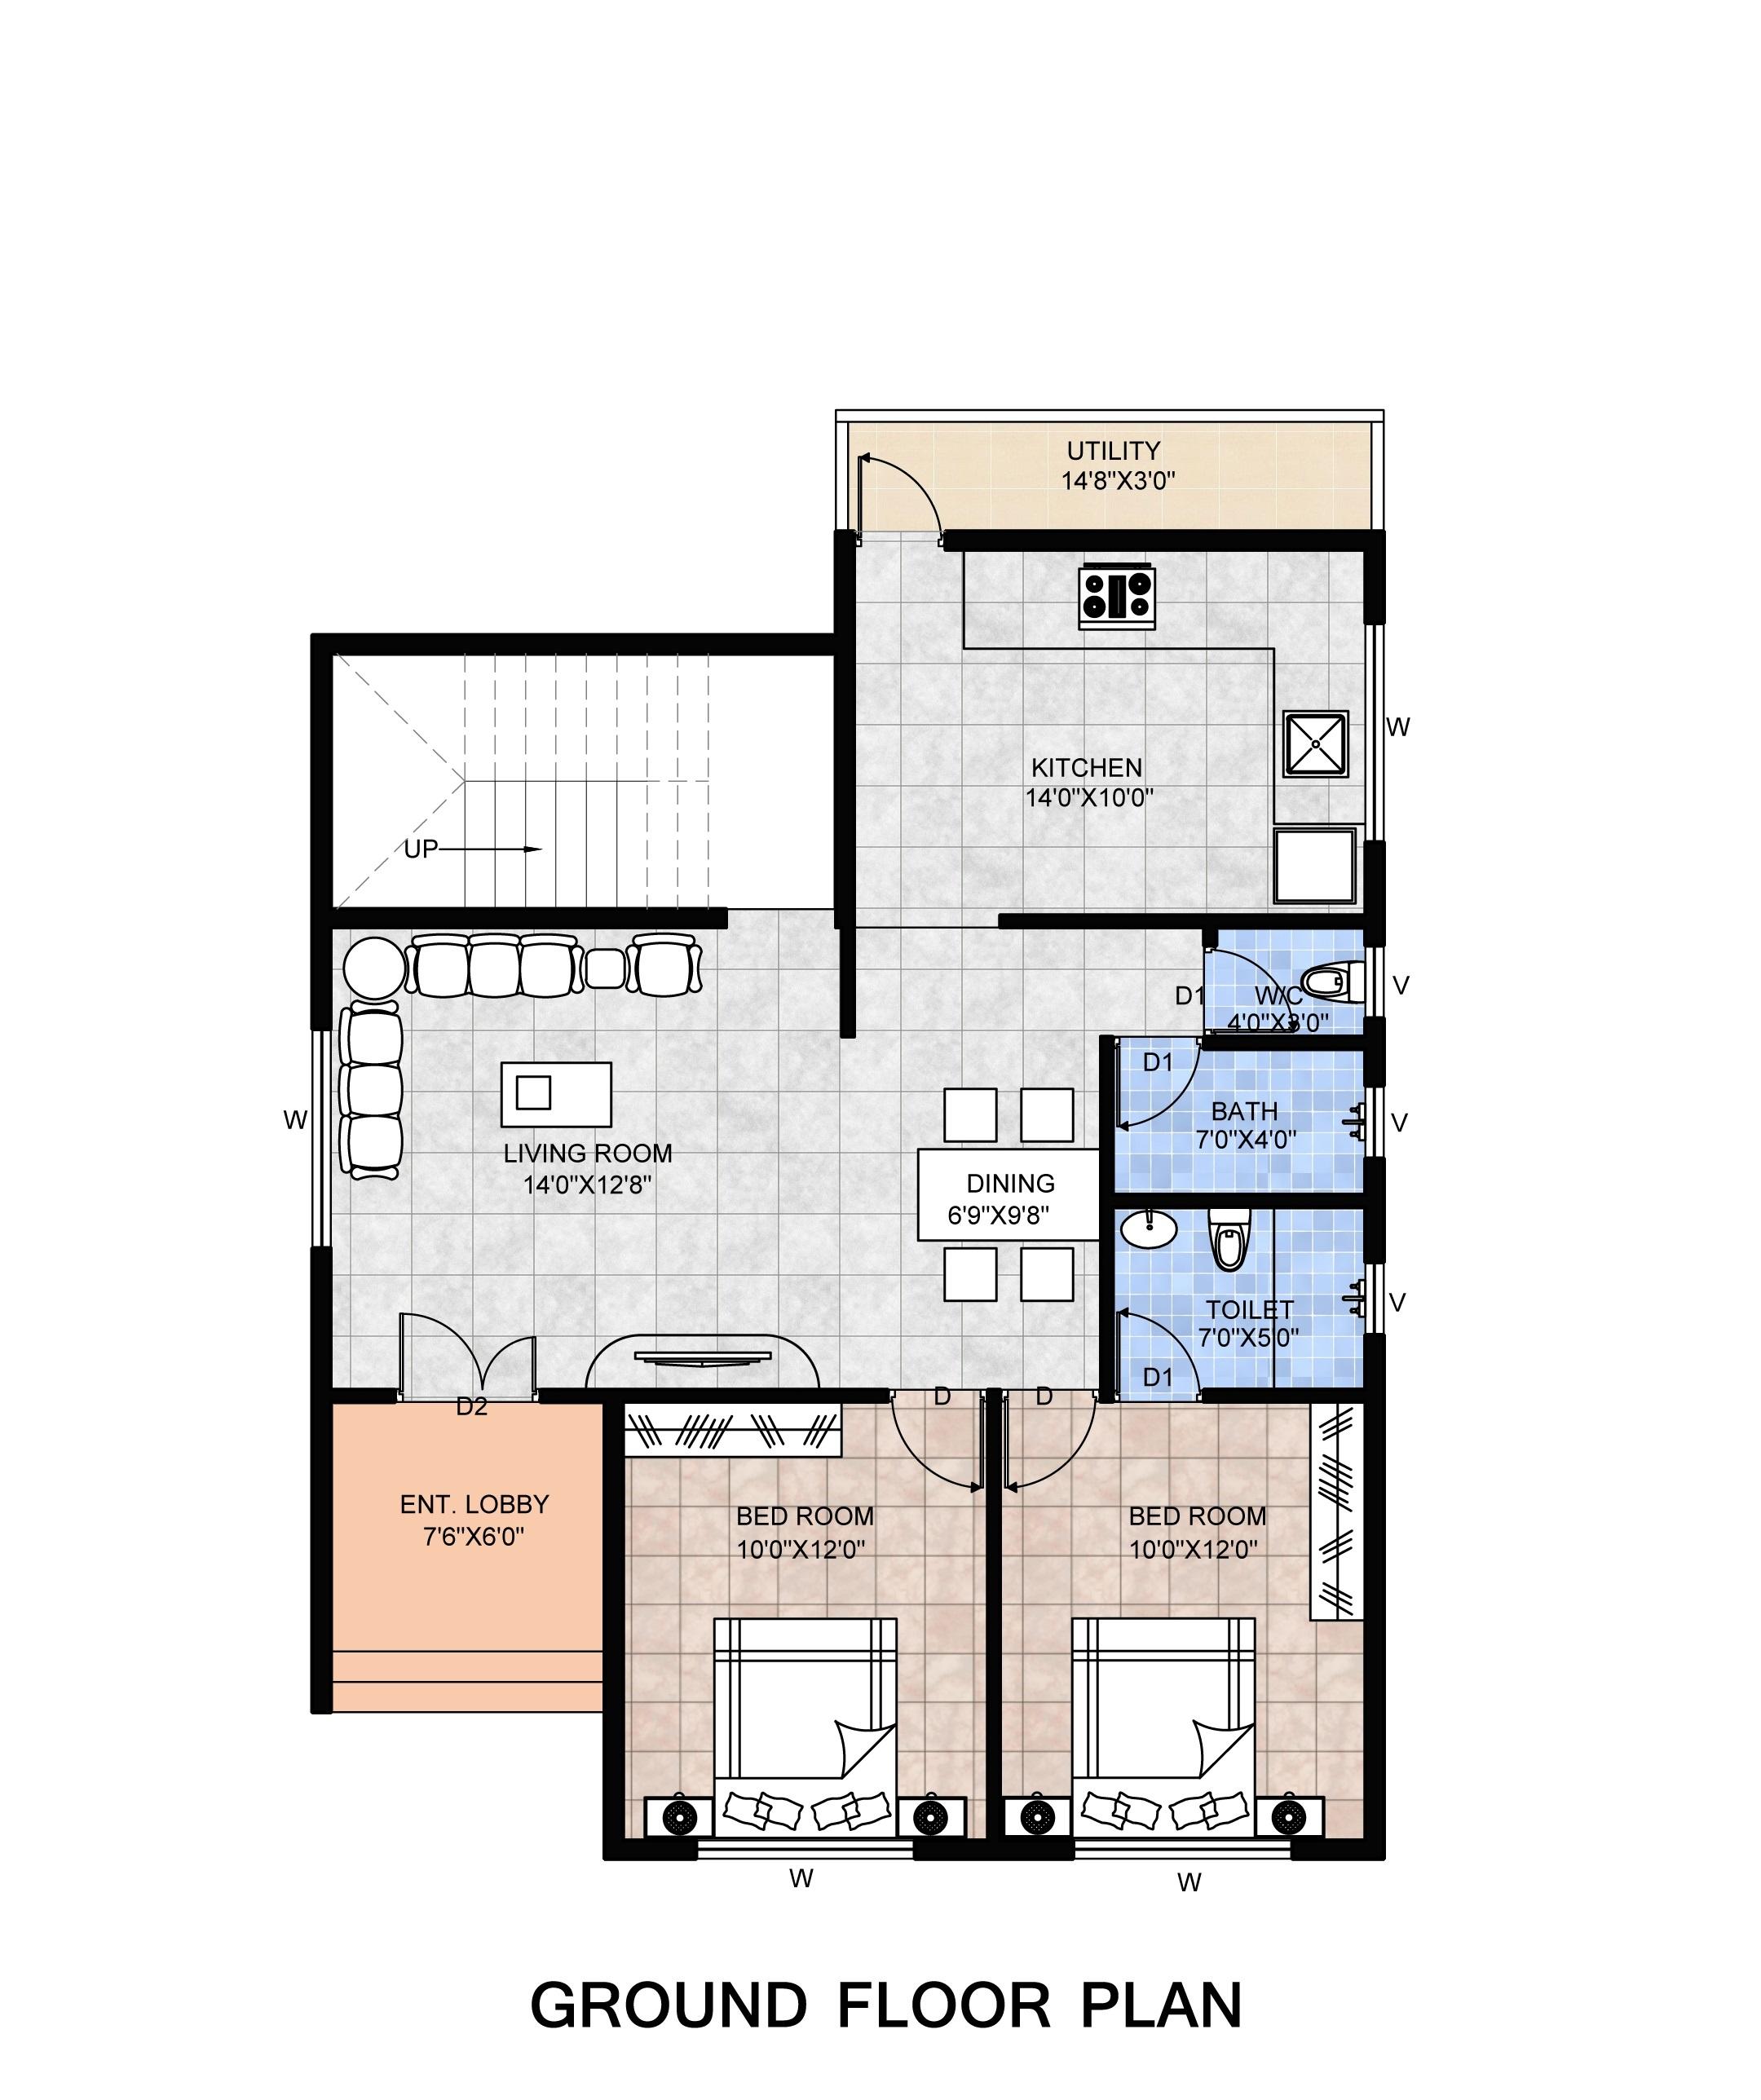 2 bhk Bungalow floor plan.jpg